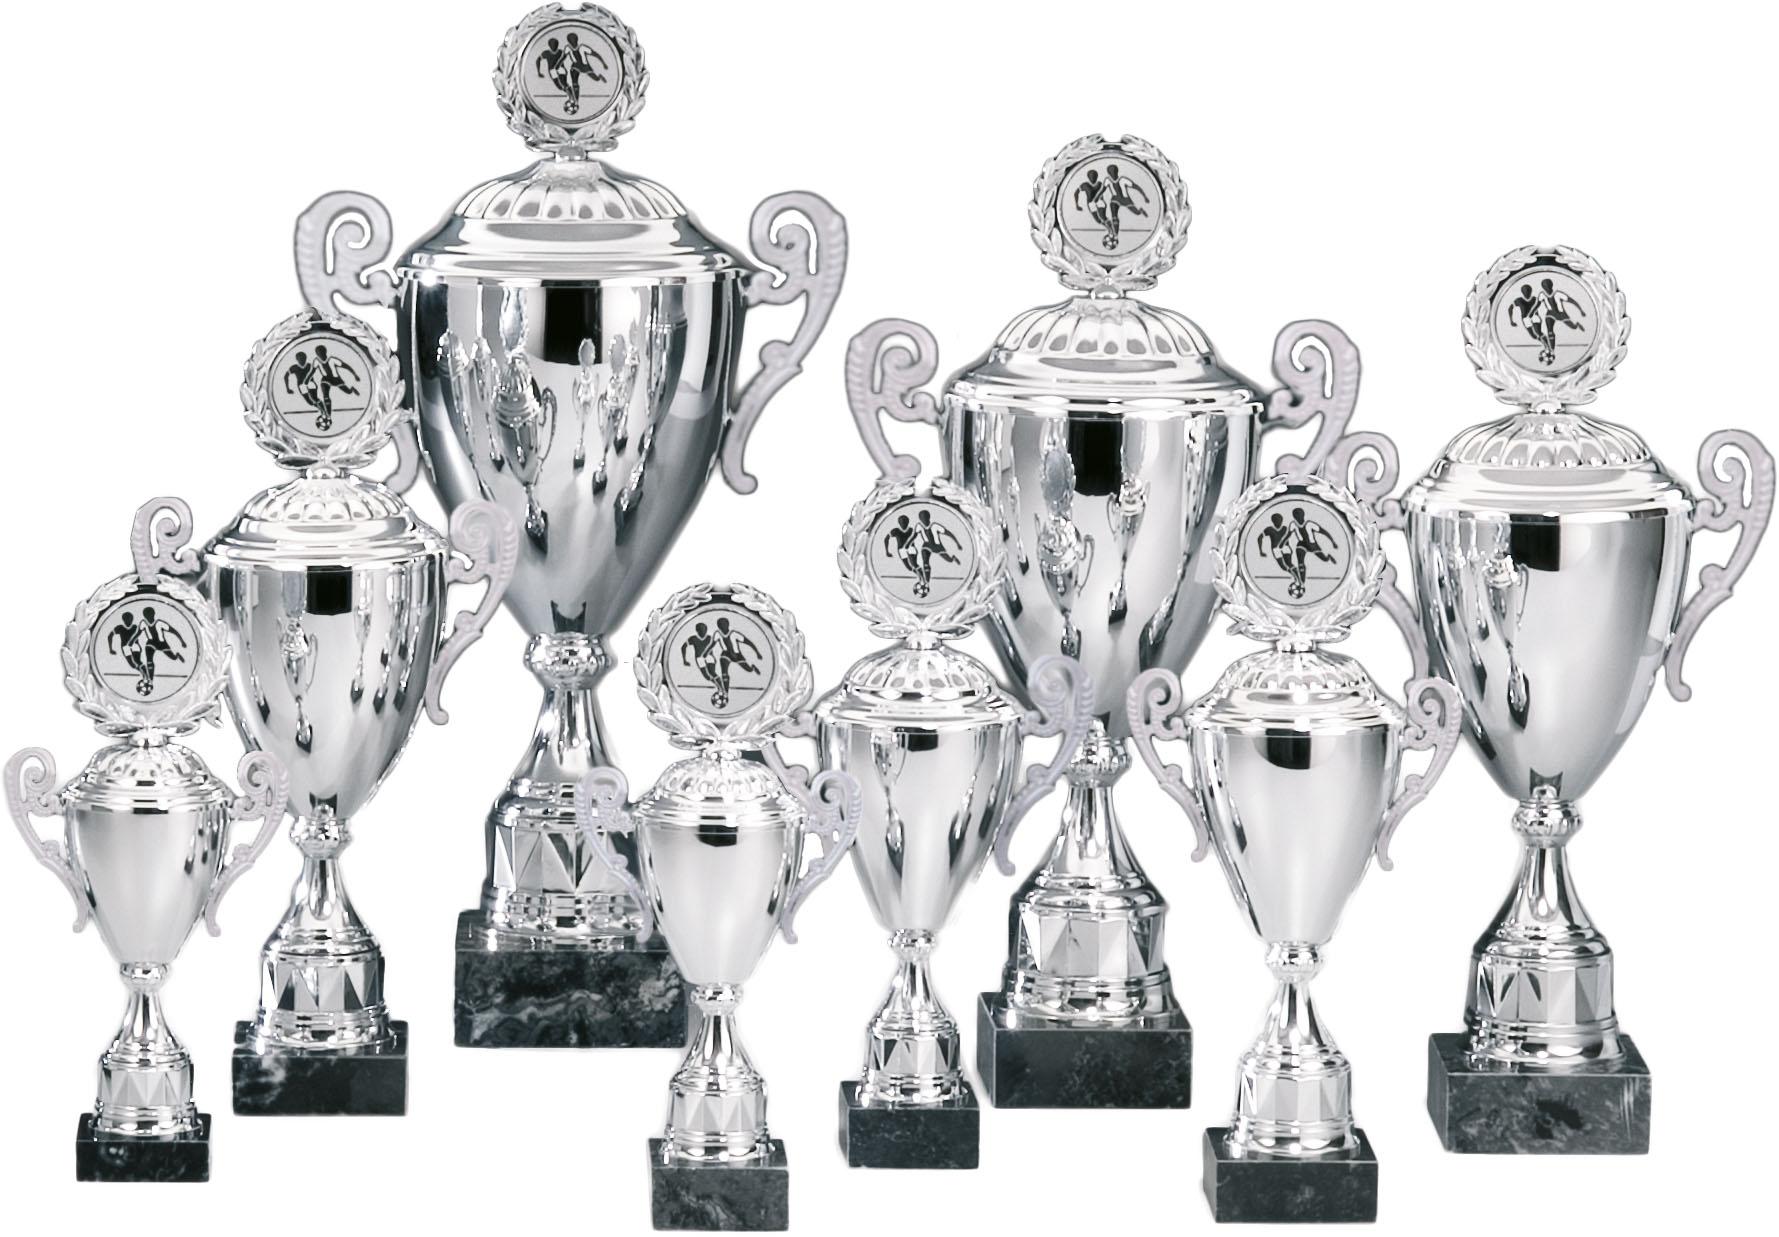 Pokale aus 10er Pokalserie: 69120 - 69129, 29,0 - 53,5 cm